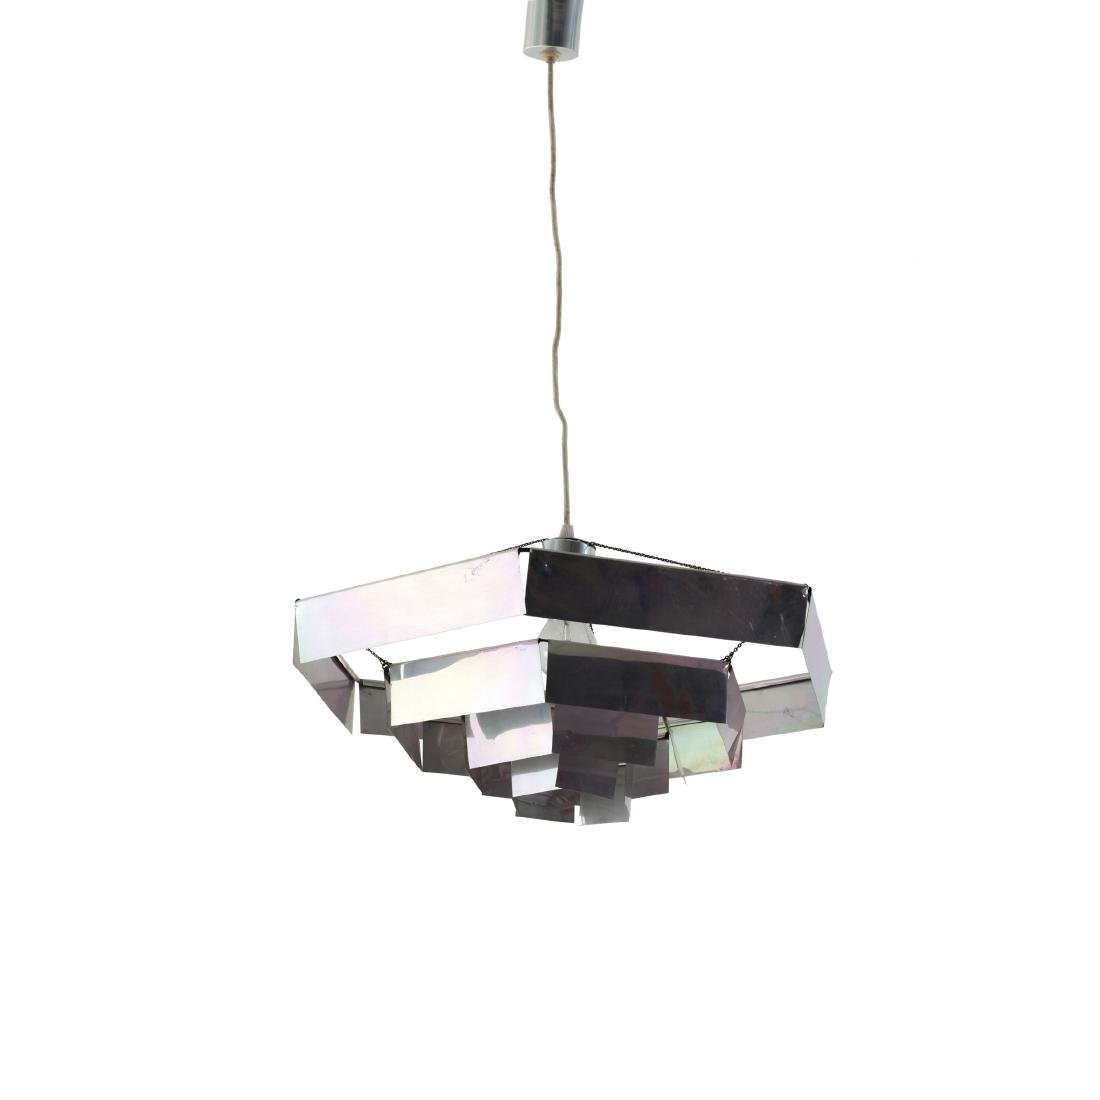 'Esagonale' ceiling light, 1964